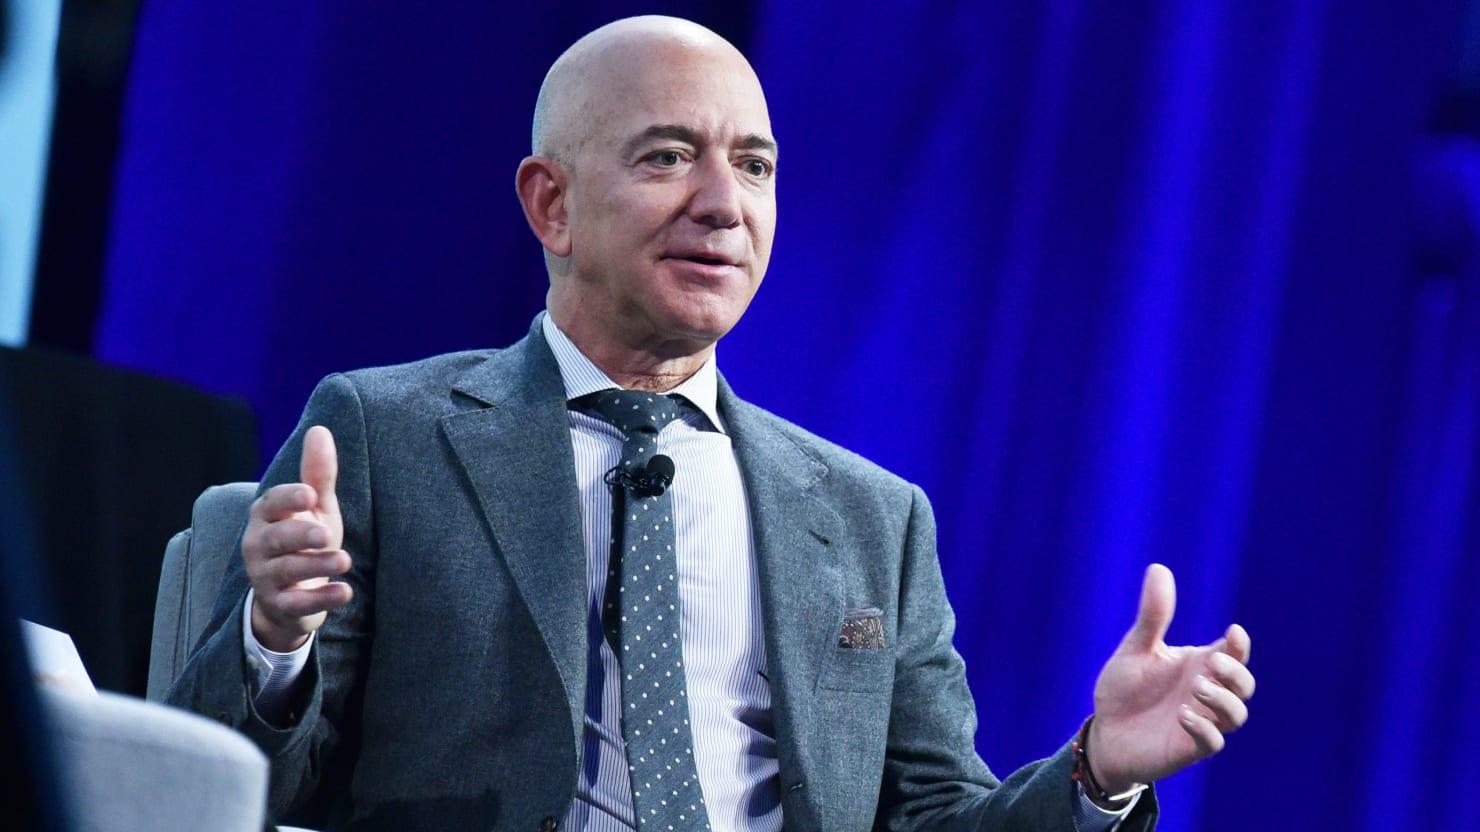 Bezos Pledges $10 Billion to Climate Change Fight. He's Got $120 Billion Left.